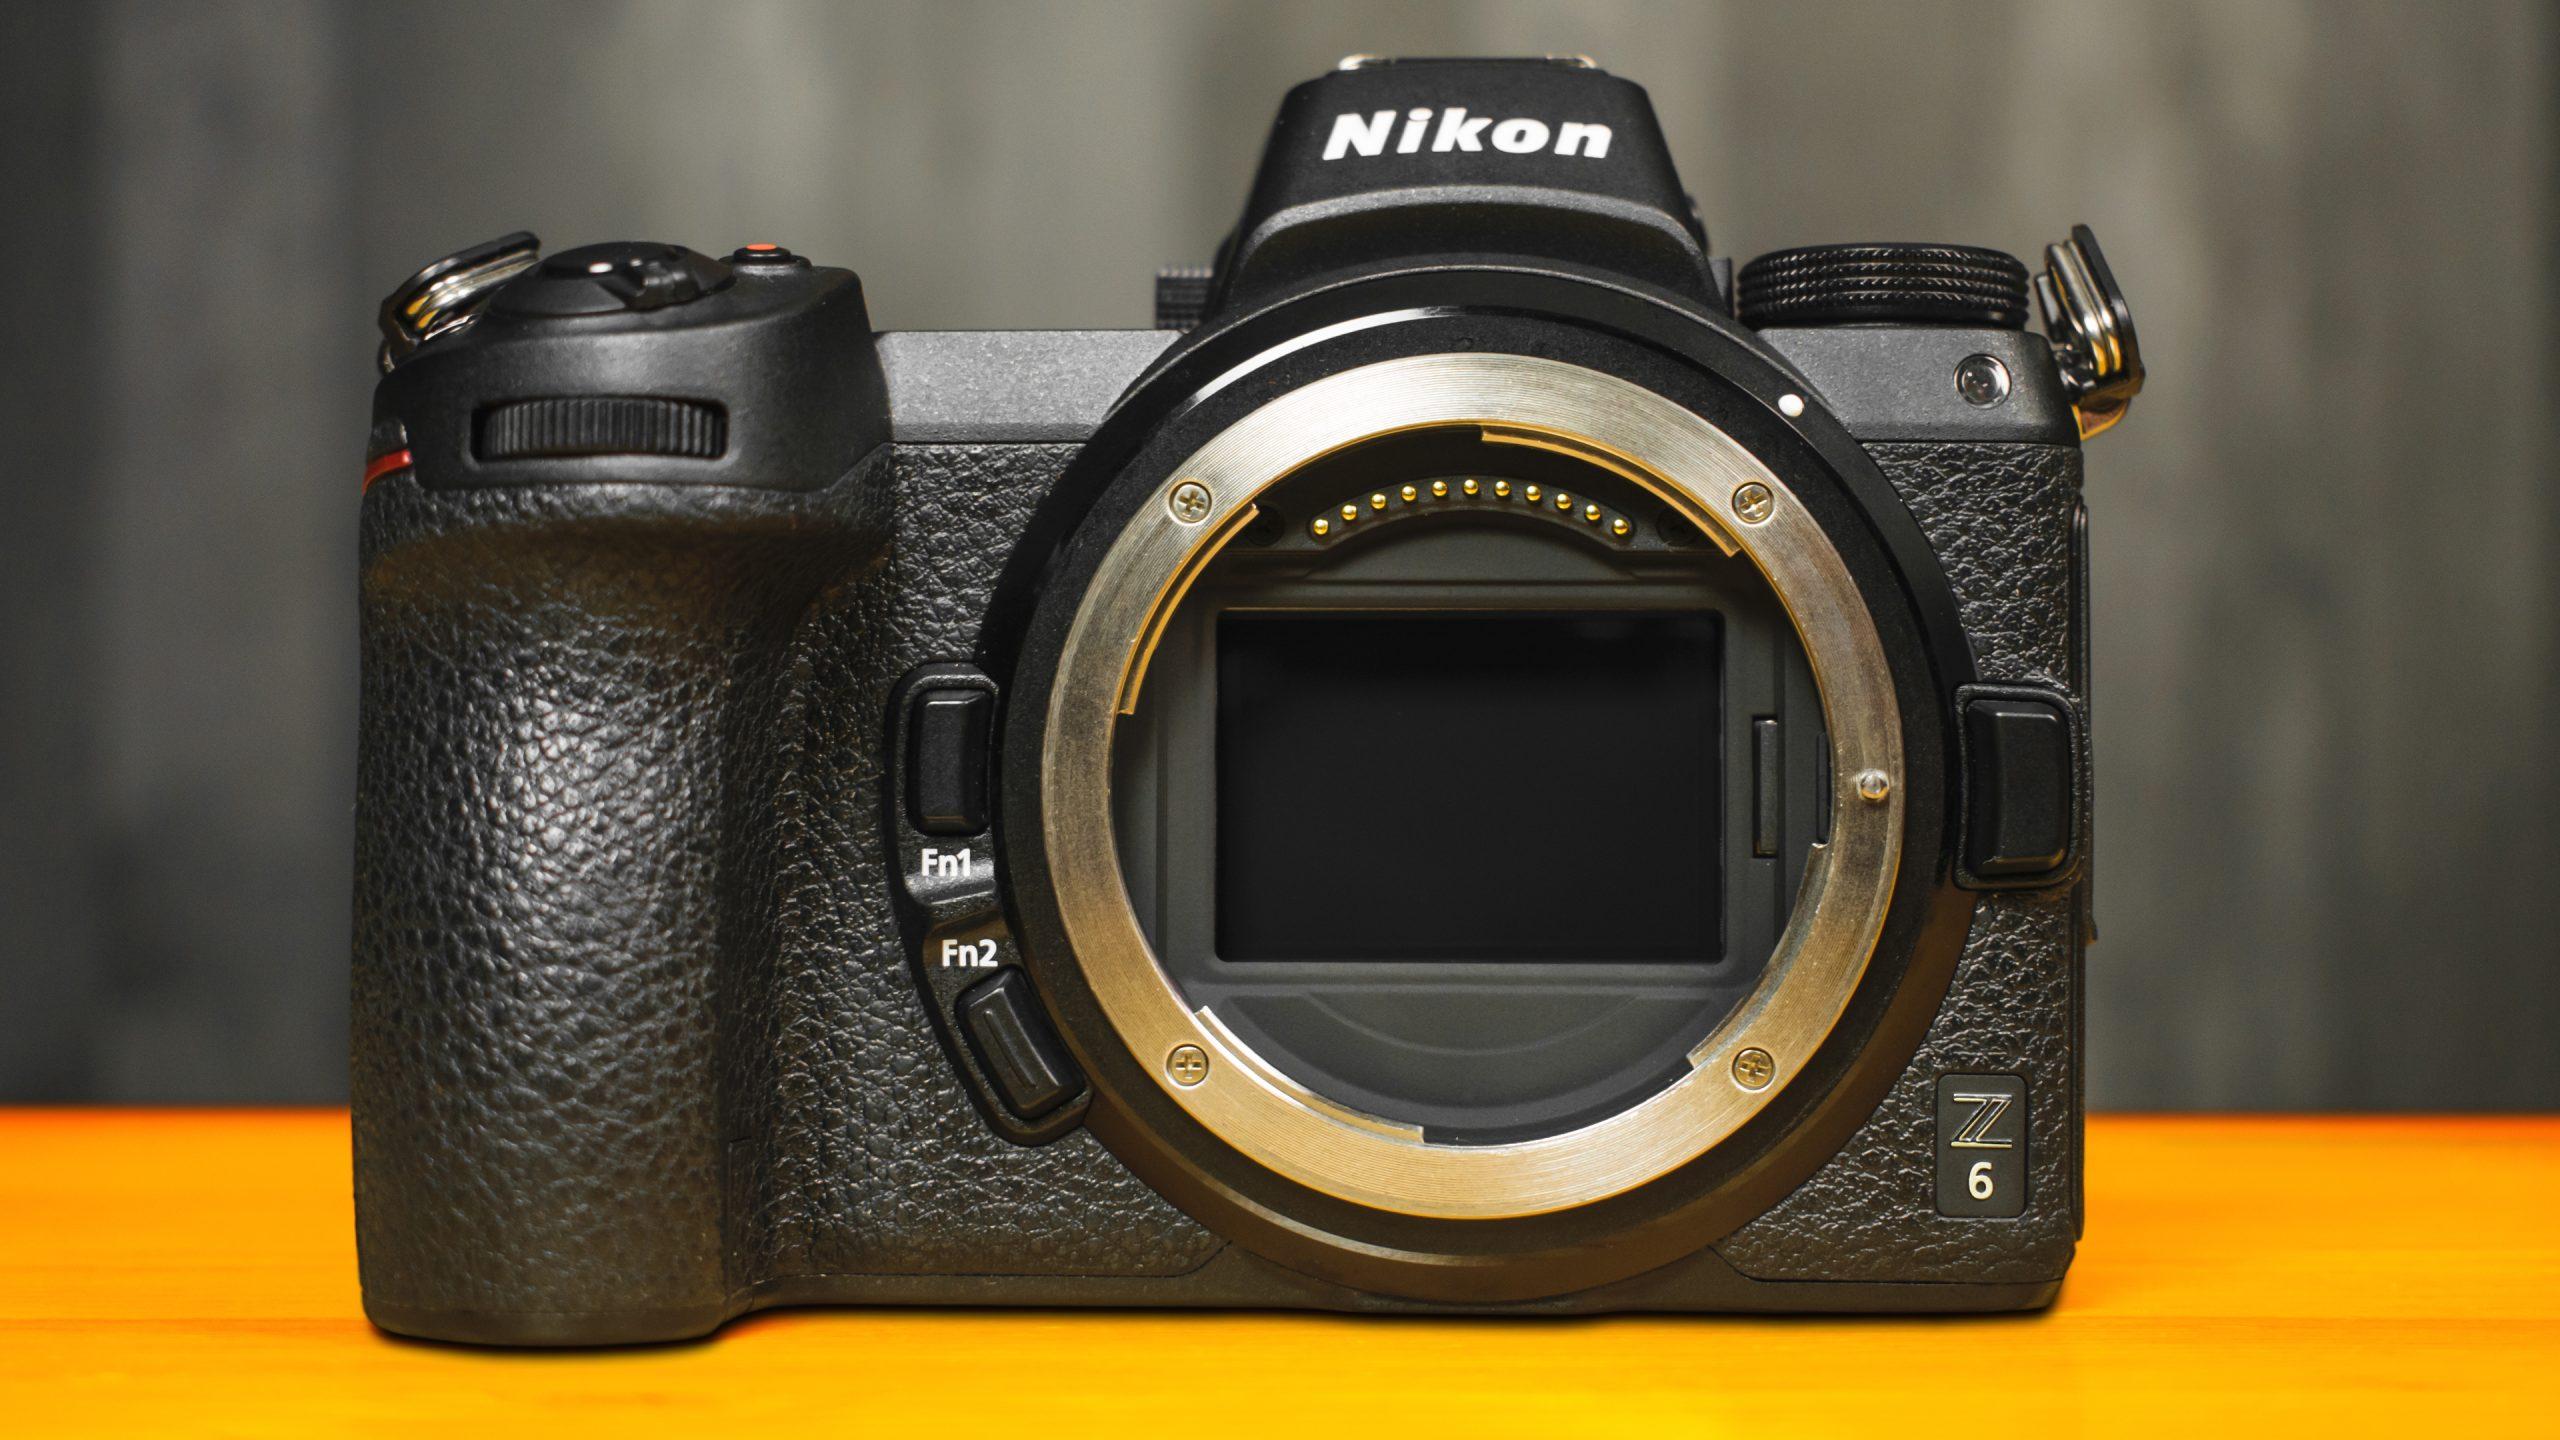 Vooraanzicht van de Nikon Z6-camera, ontdaan van de body-dop en met de beeldsensor ontbloot.